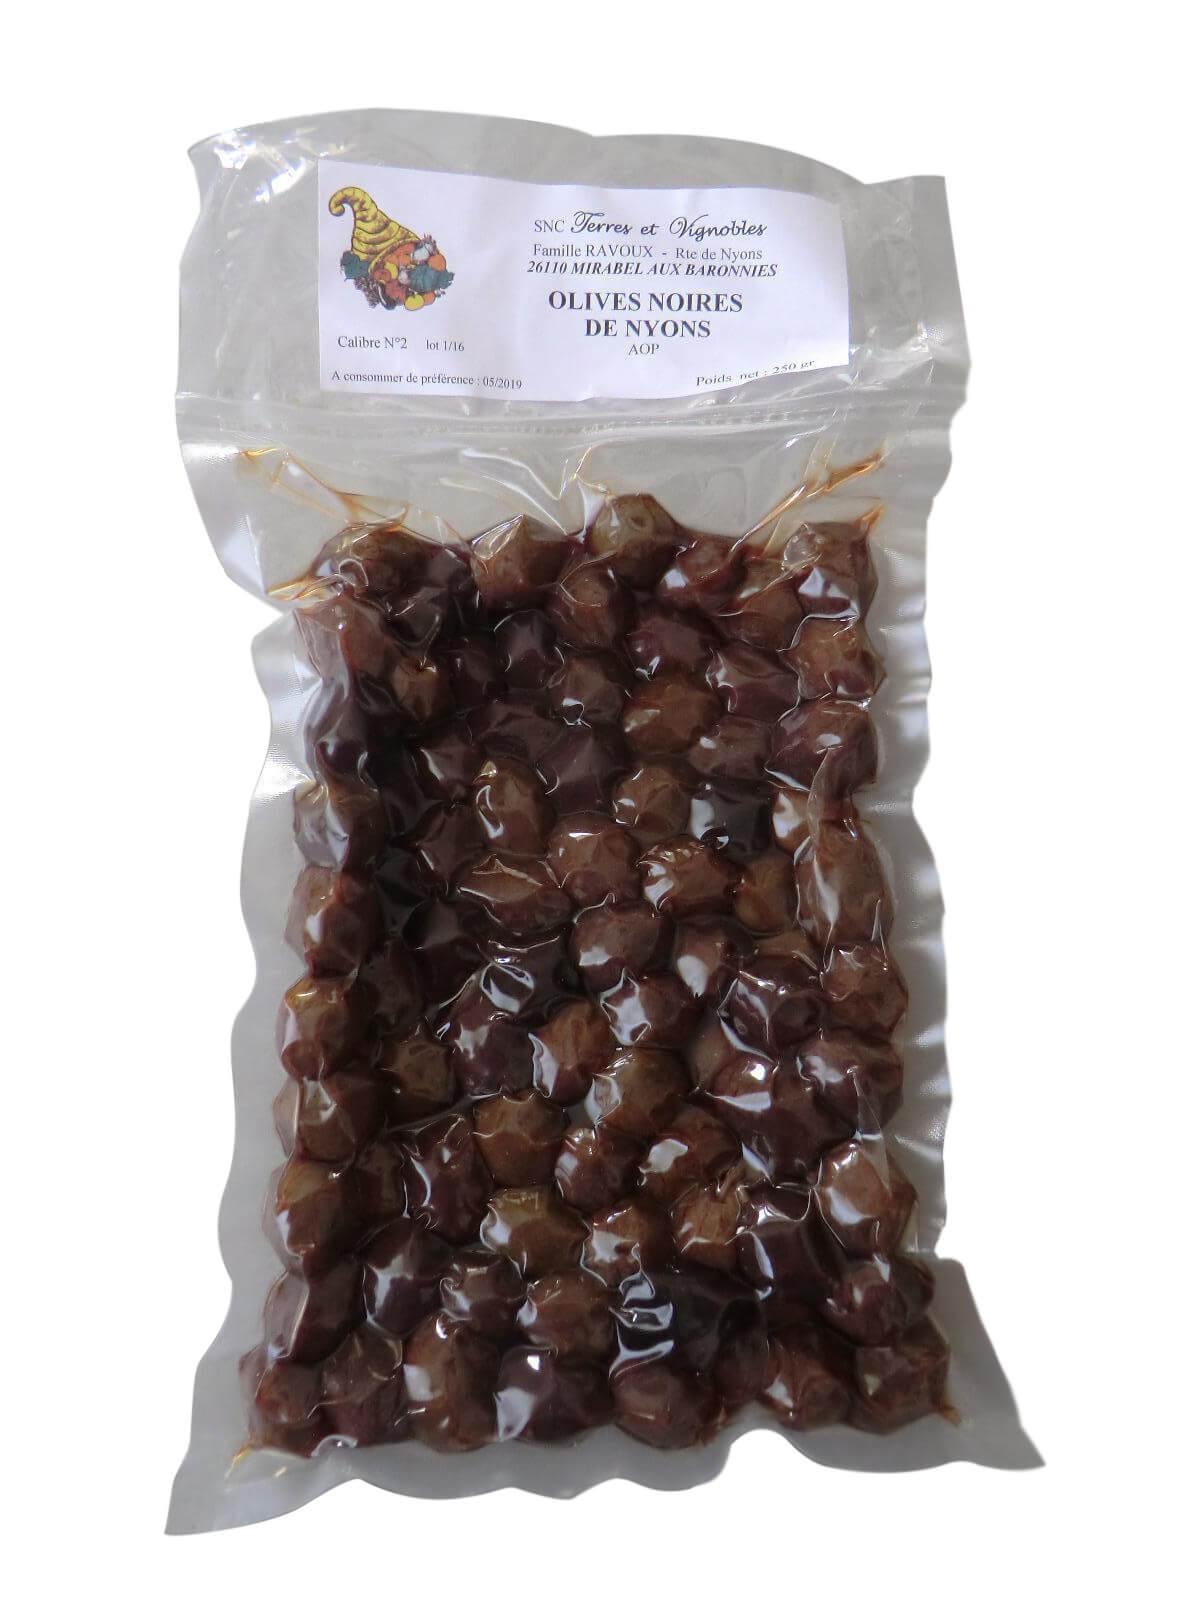 Produits locaux : olive noire AOP Nyons 250 grammes